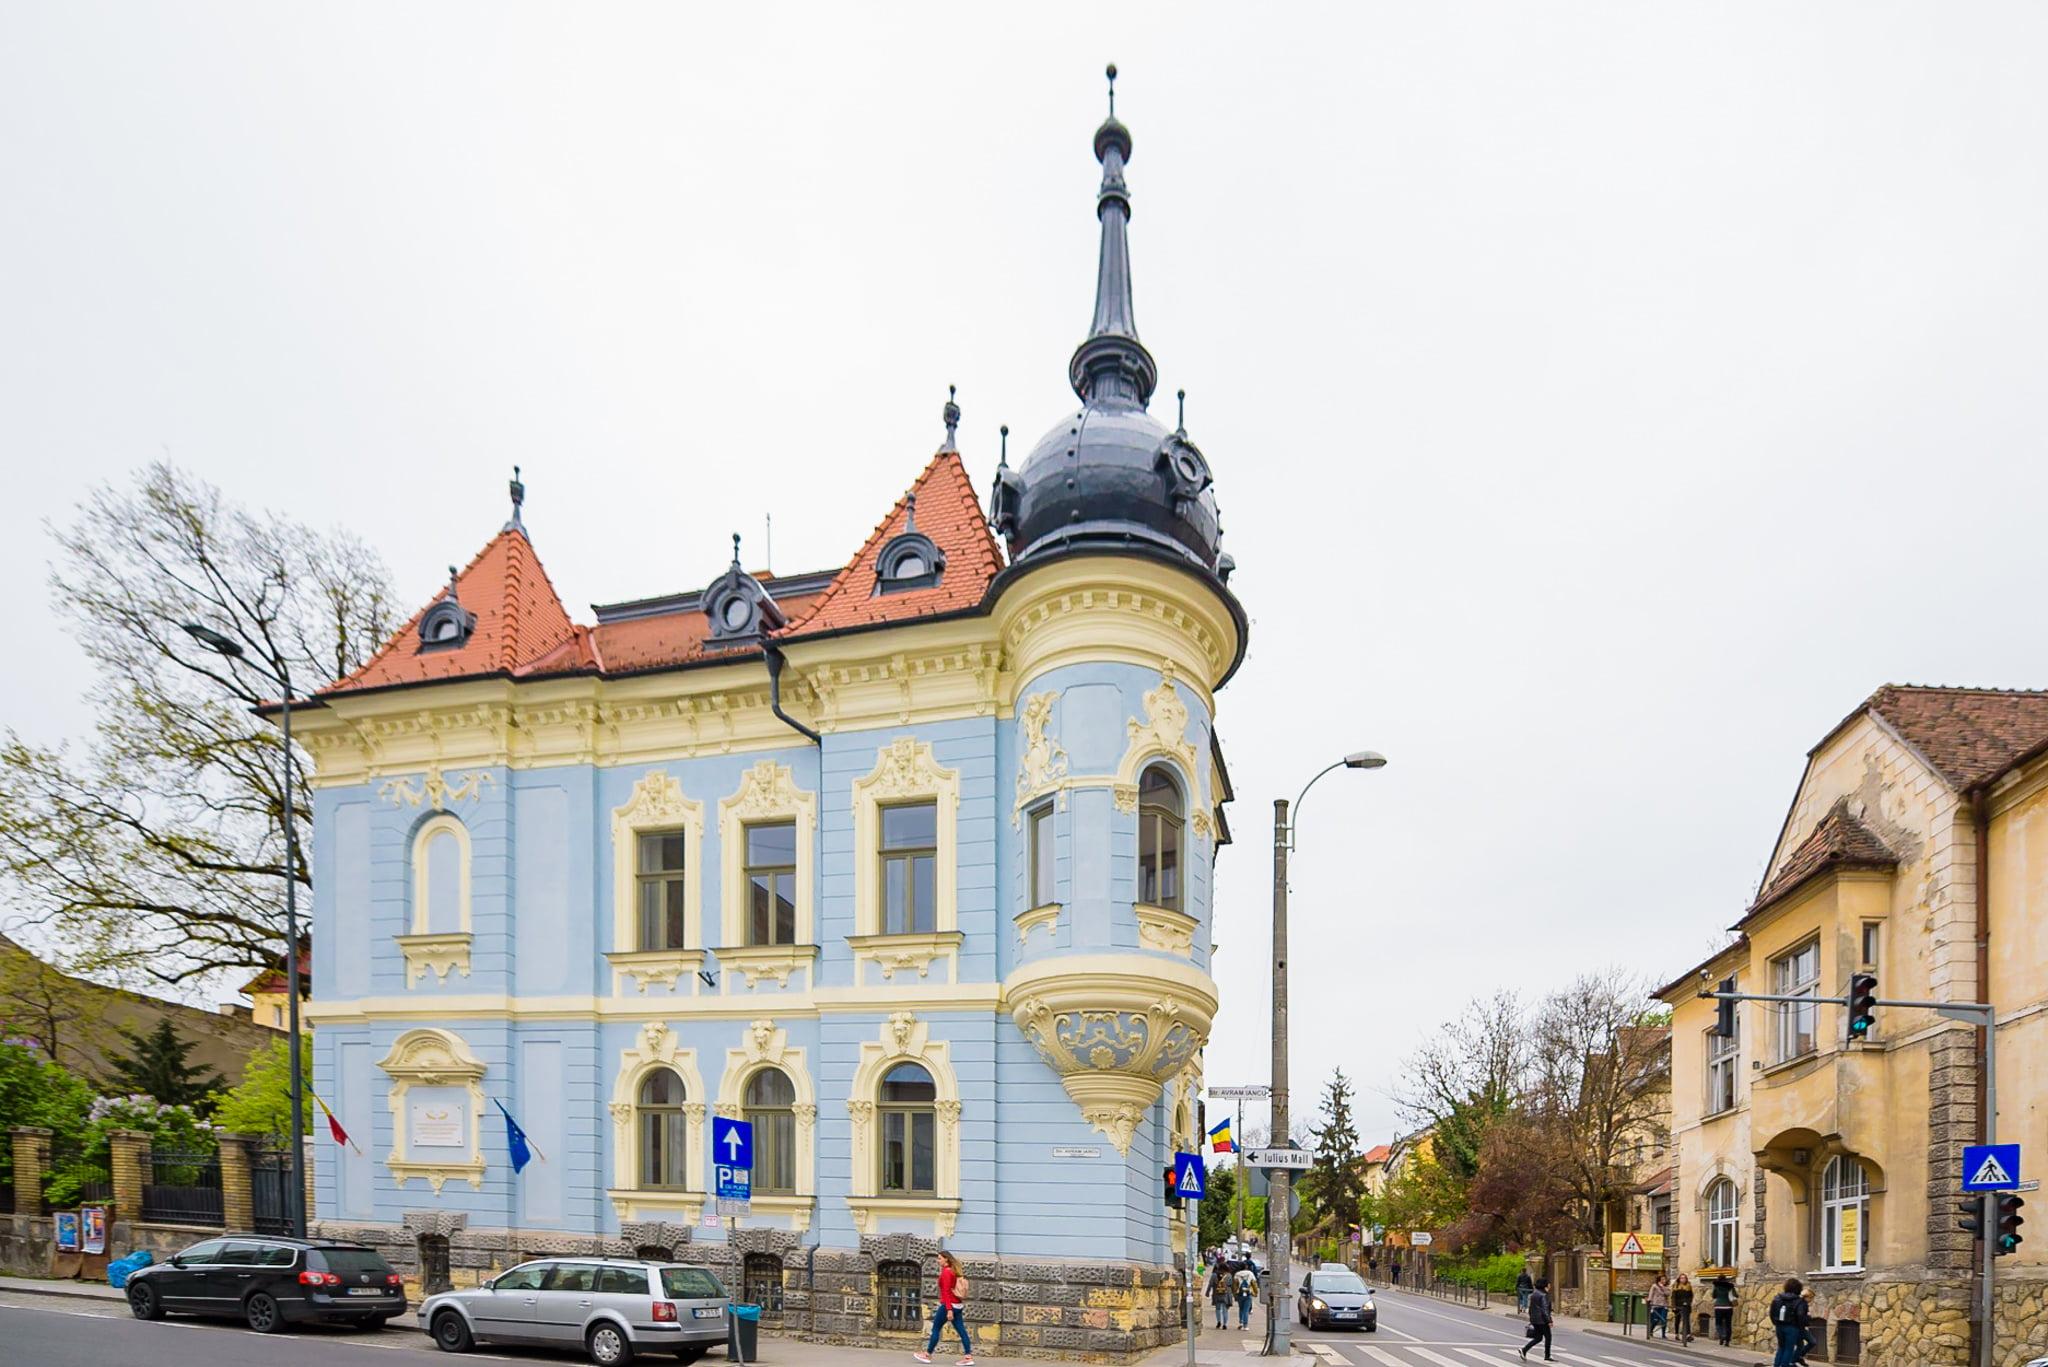 10 lucruri cool pe care le poți face săptămâna aceasta în #Cluj